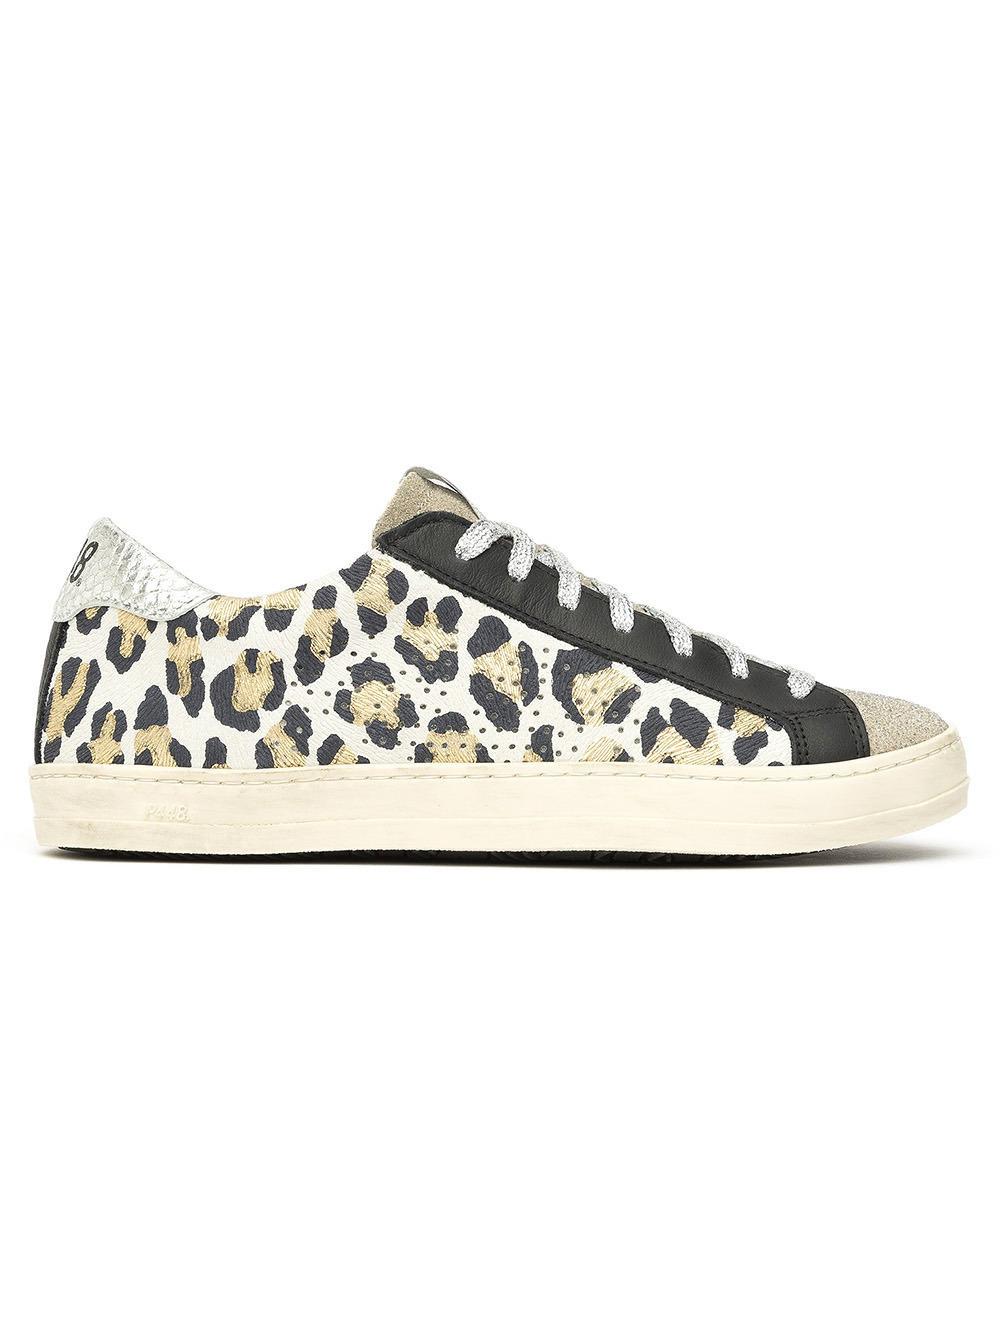 John Leopard Sneaker Item # S21JOHN-W